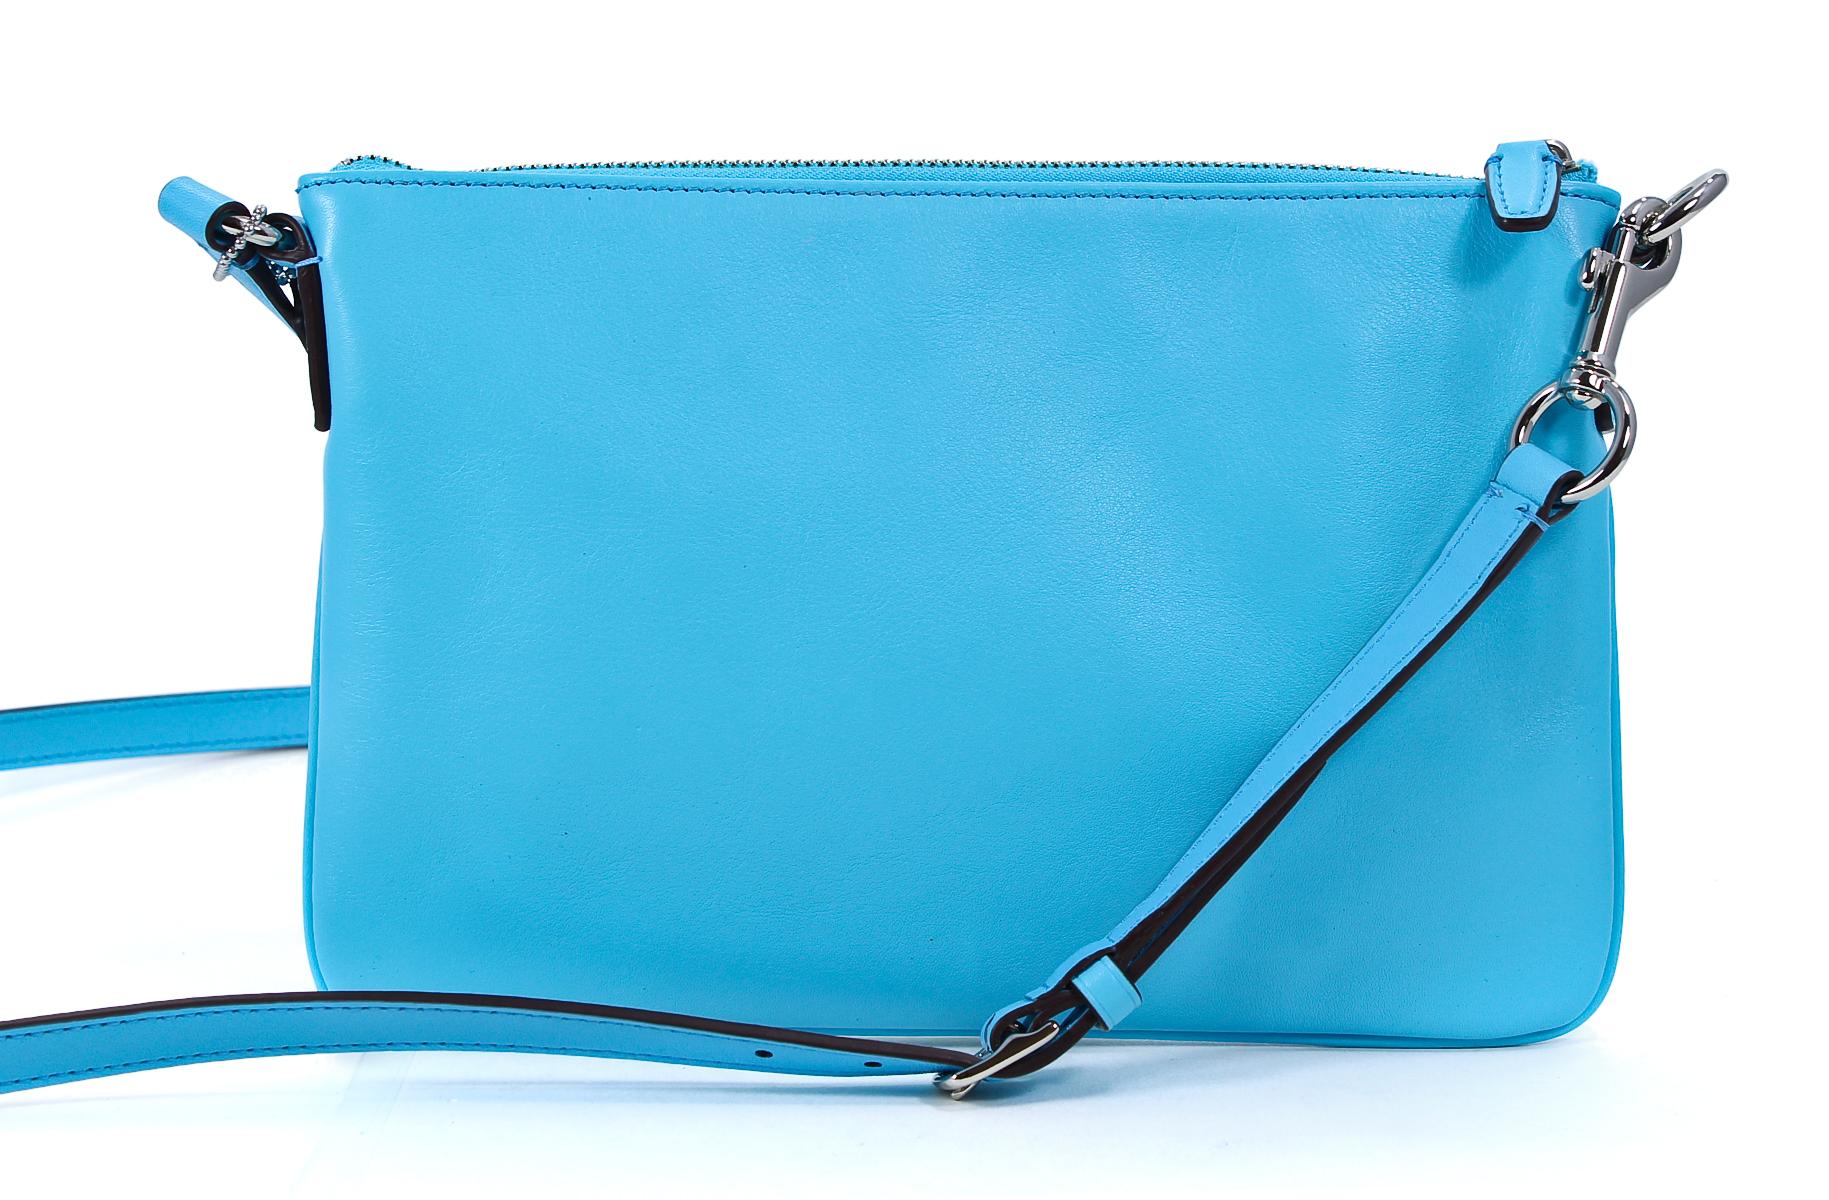 coach designer purses  these designer